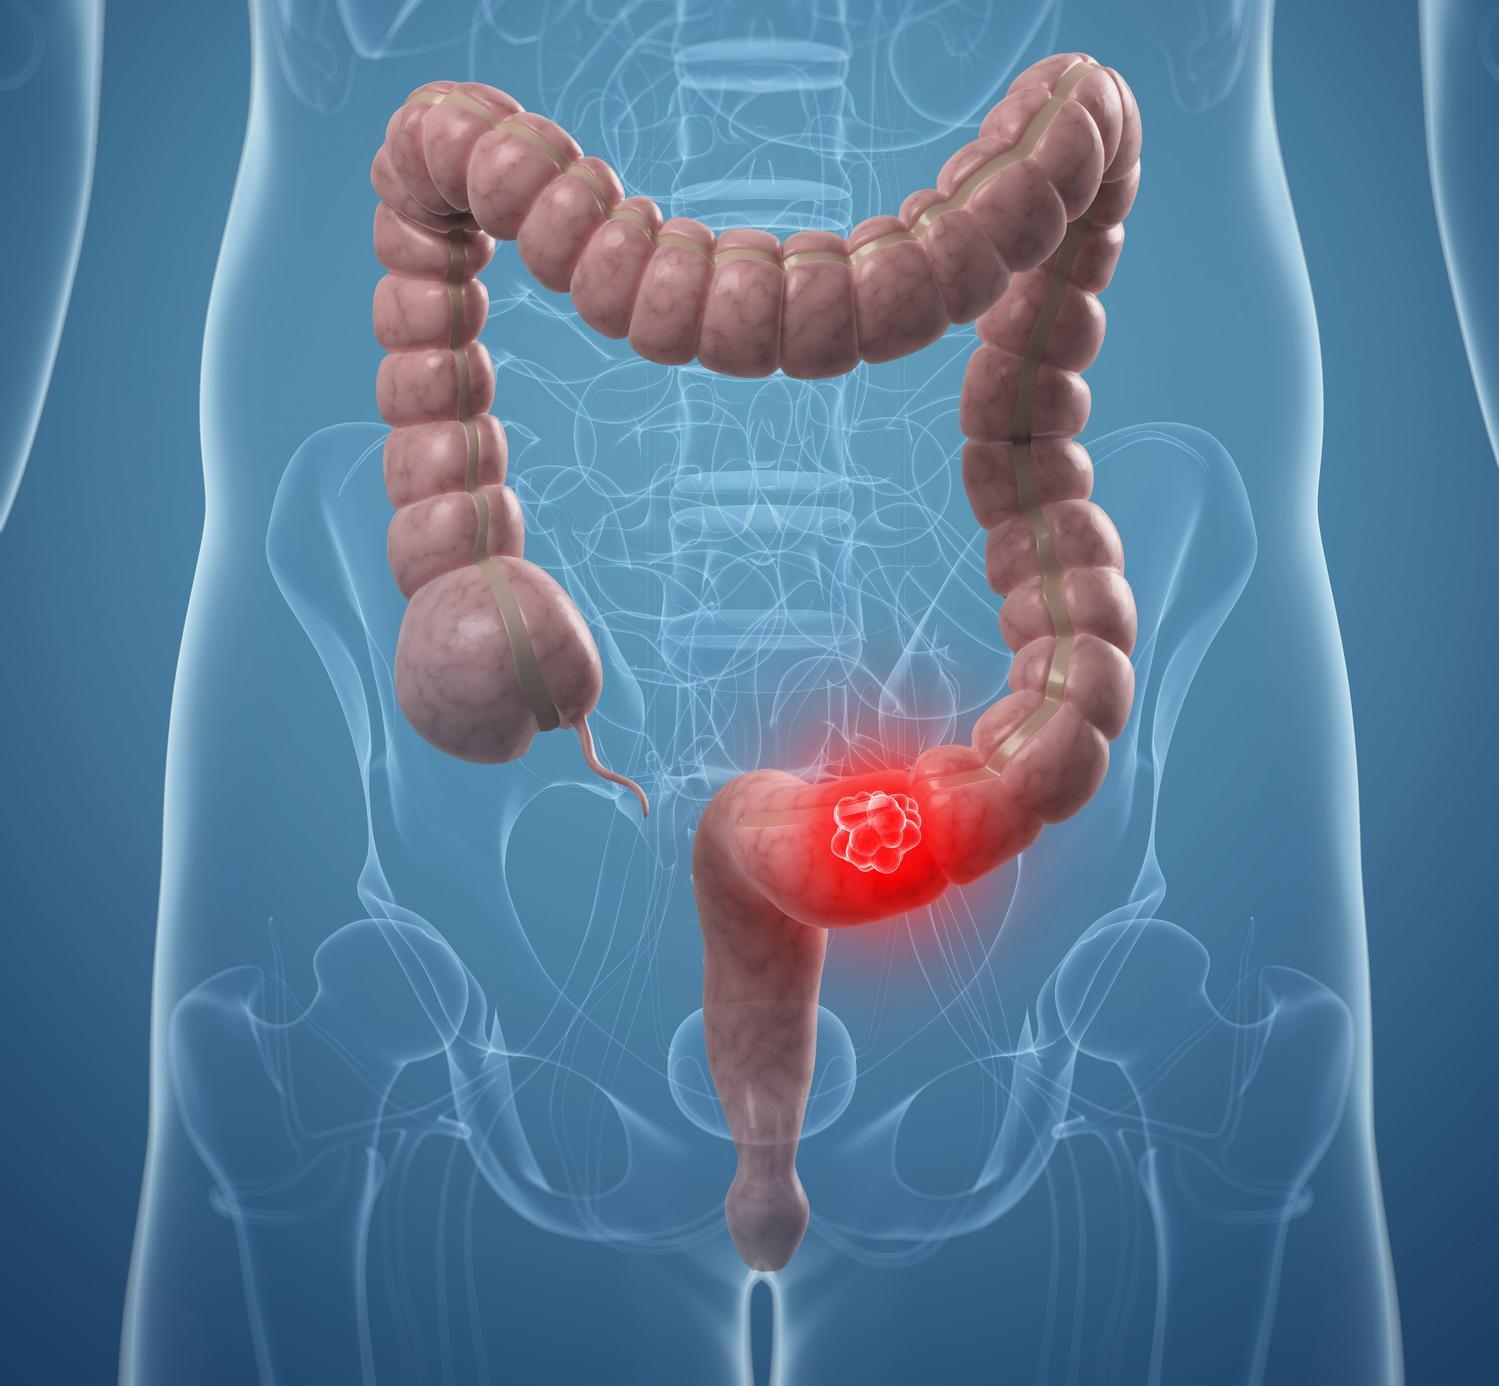 Cancro al colon: gli effetti benefici del latte e derivati